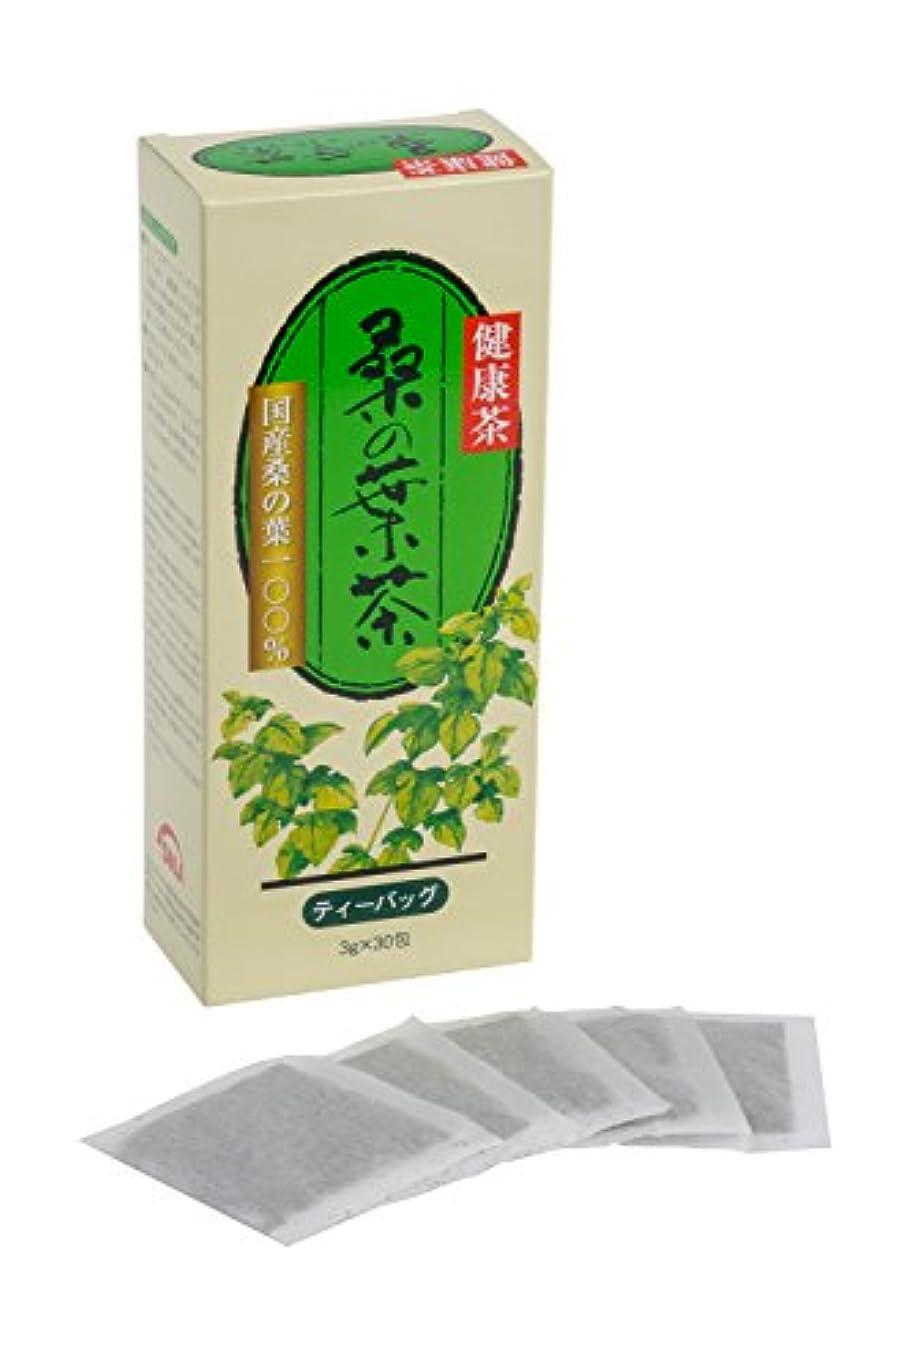 被るプランテーション排気トヨタマ(TOYOTAMA) 国産桑の葉100% 農薬不使用 ノンカフェイン健康茶 桑の葉茶ハードボックス 30包 01096201